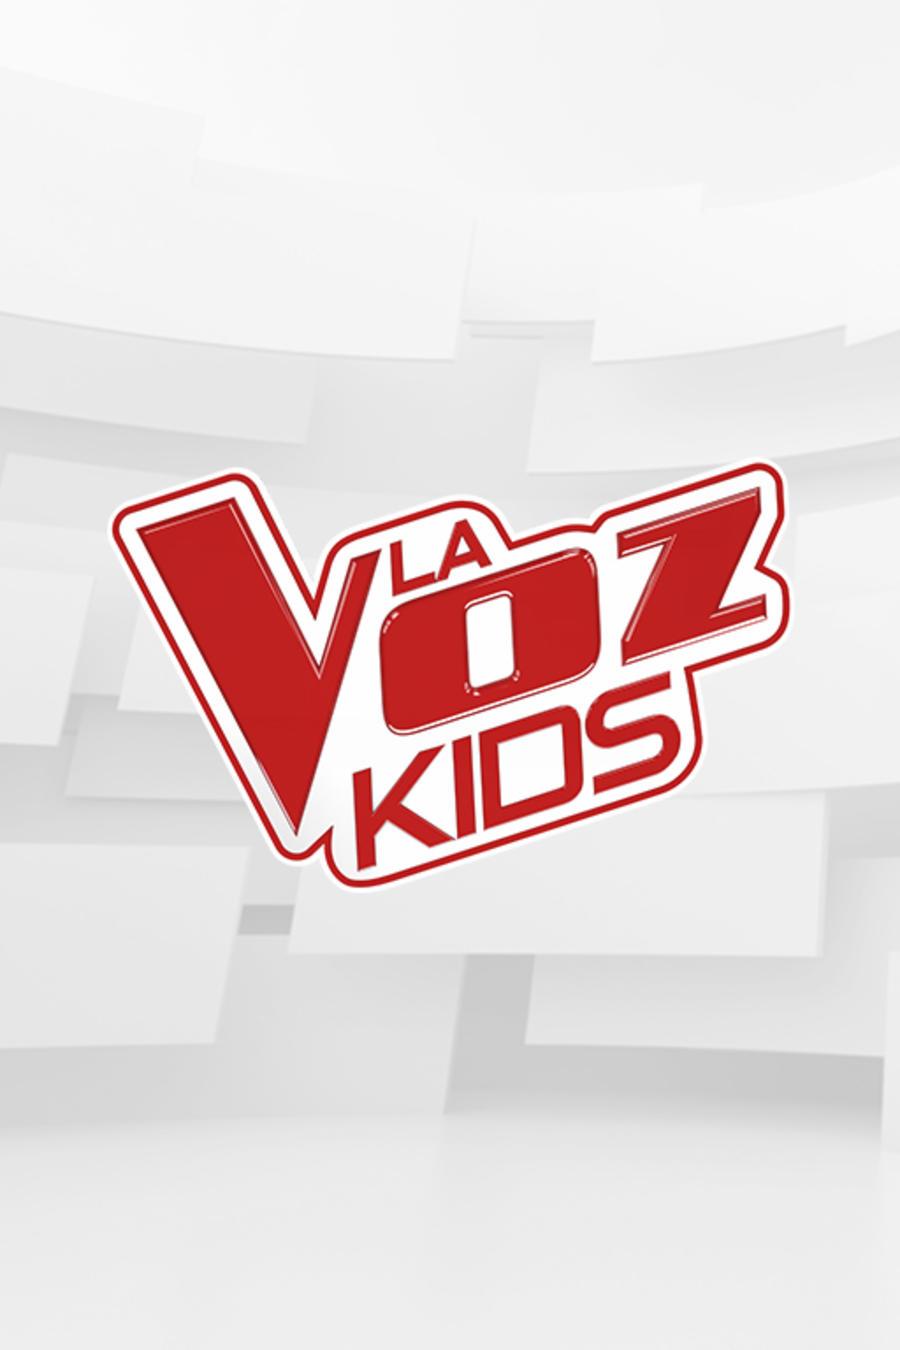 Logo de La Voz Kids